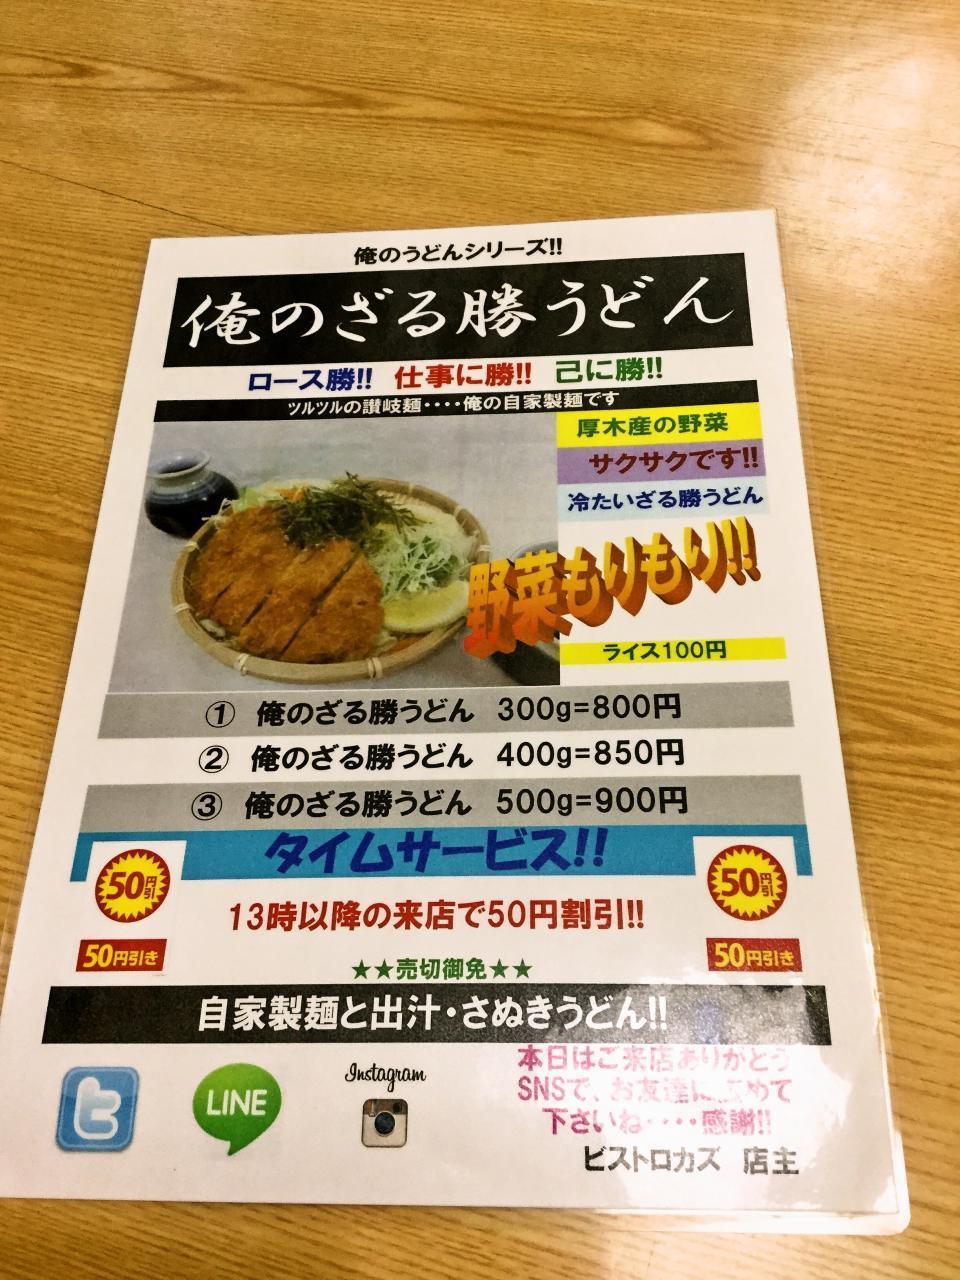 本場讃岐うどん ビストロカズ(メニュー)